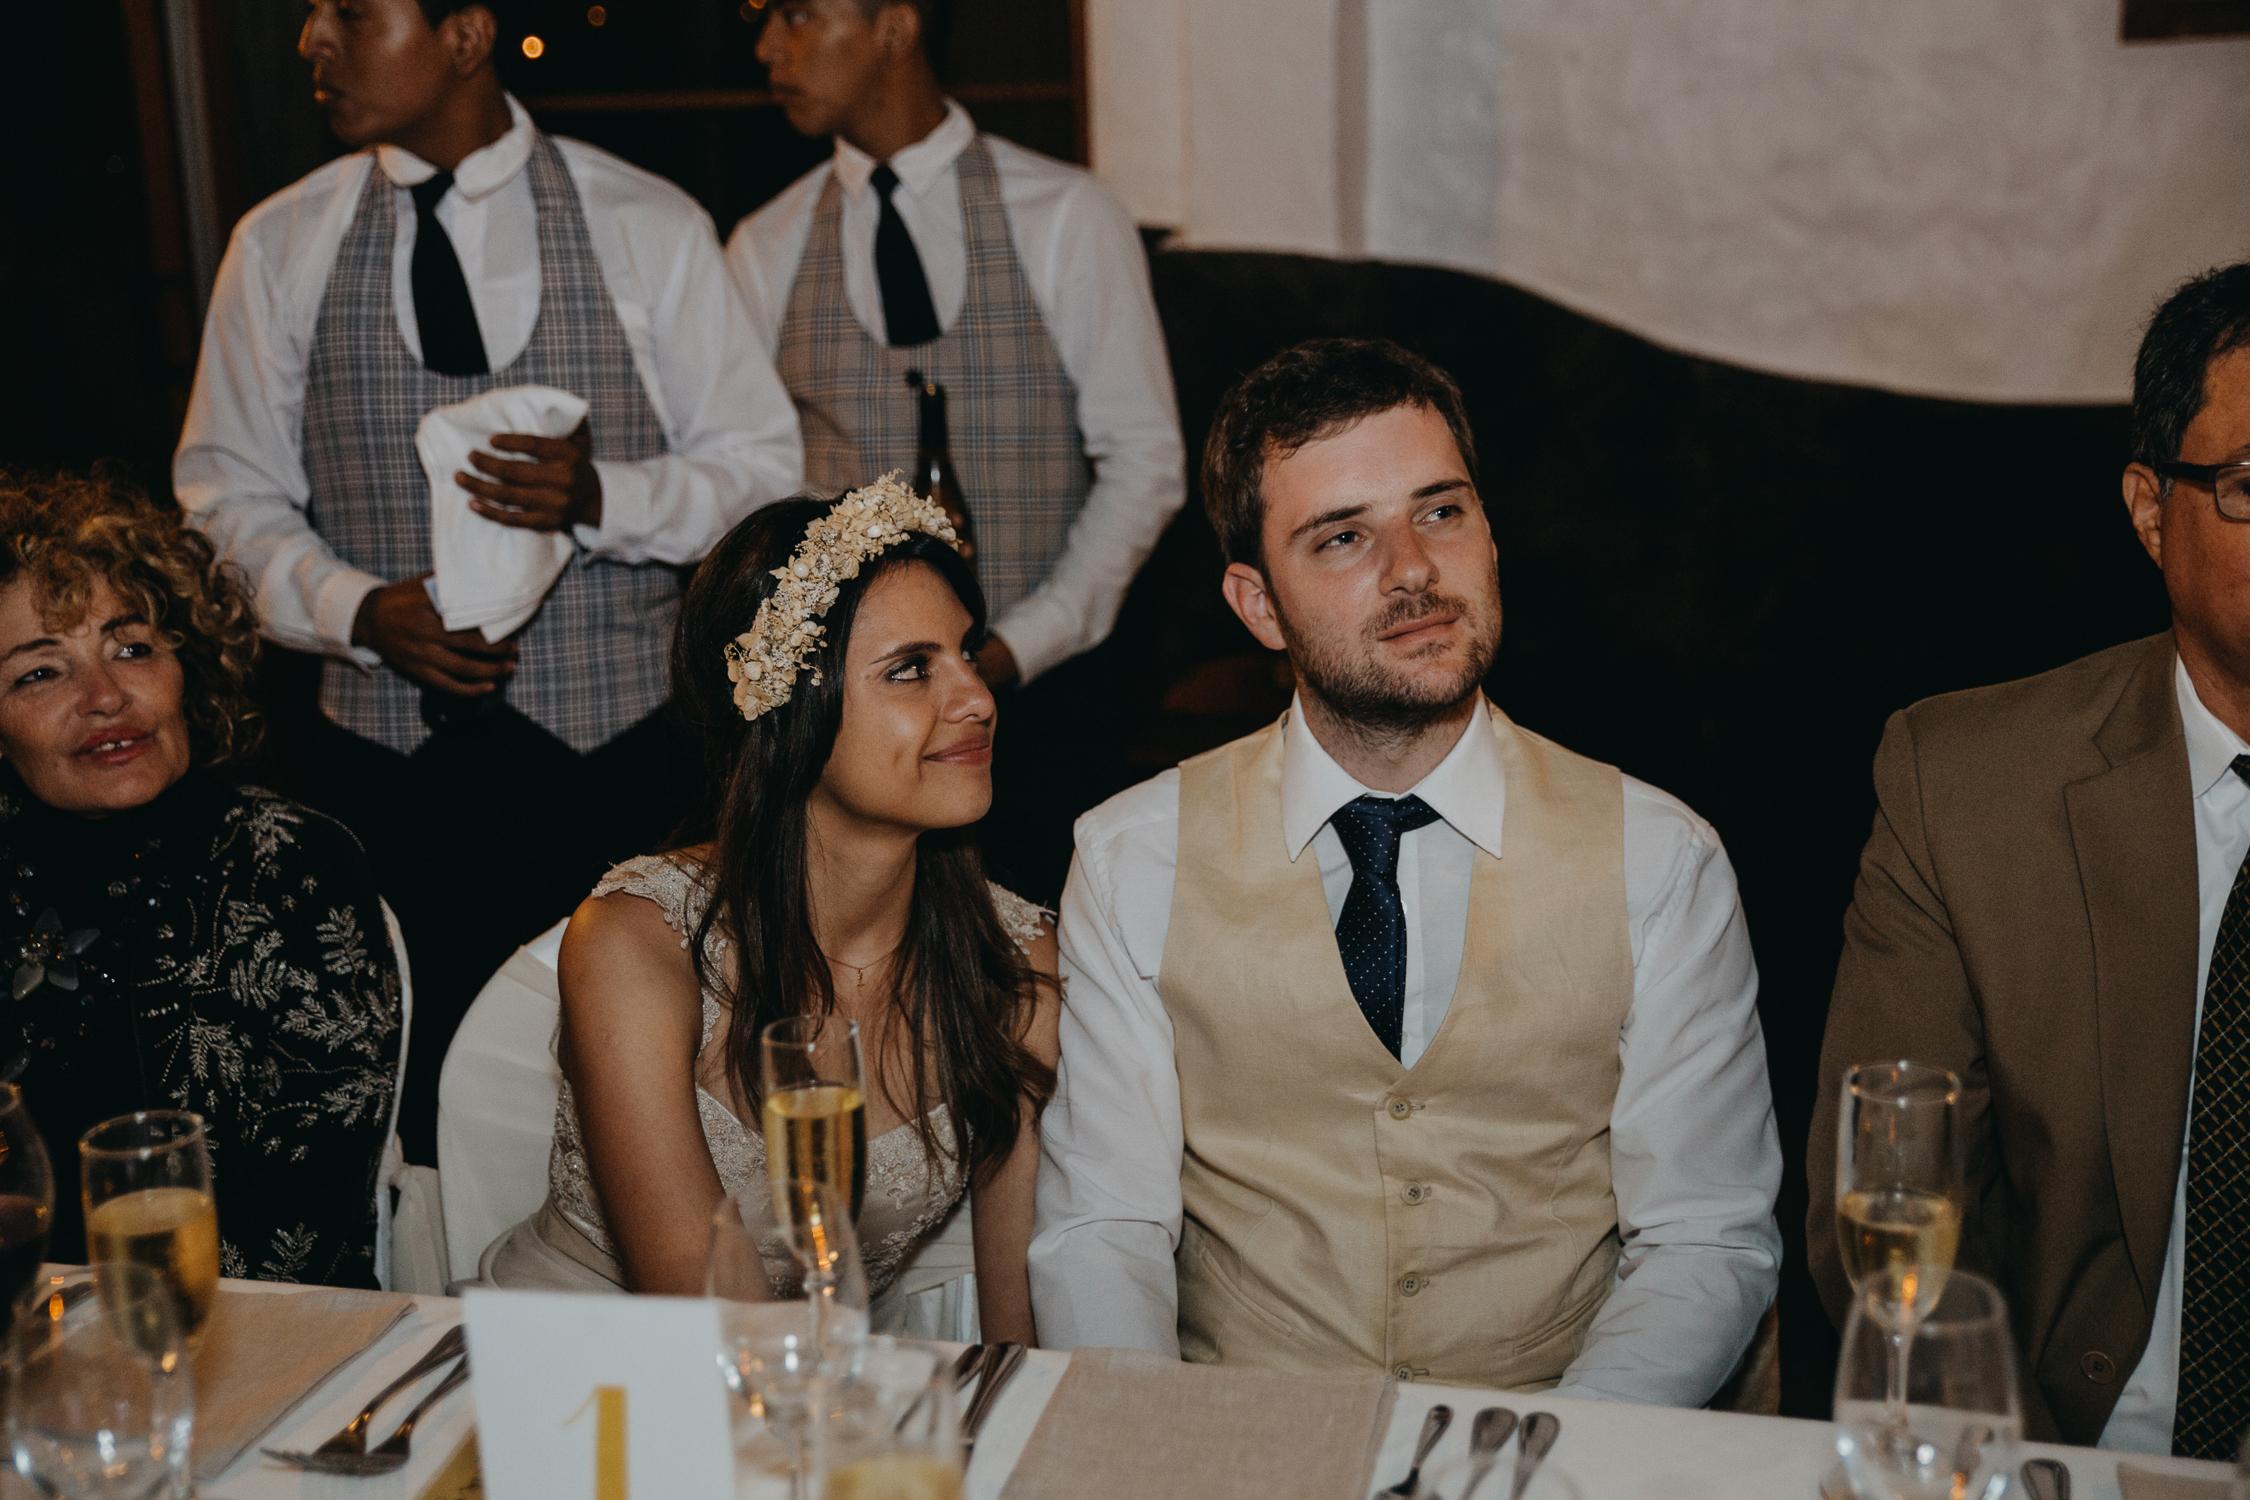 Michelle-Agurto-Fotografia-Bodas-Ecuador-Destination-Wedding-Photographer-Galapagos-Andrea-Joaquin-380.JPG